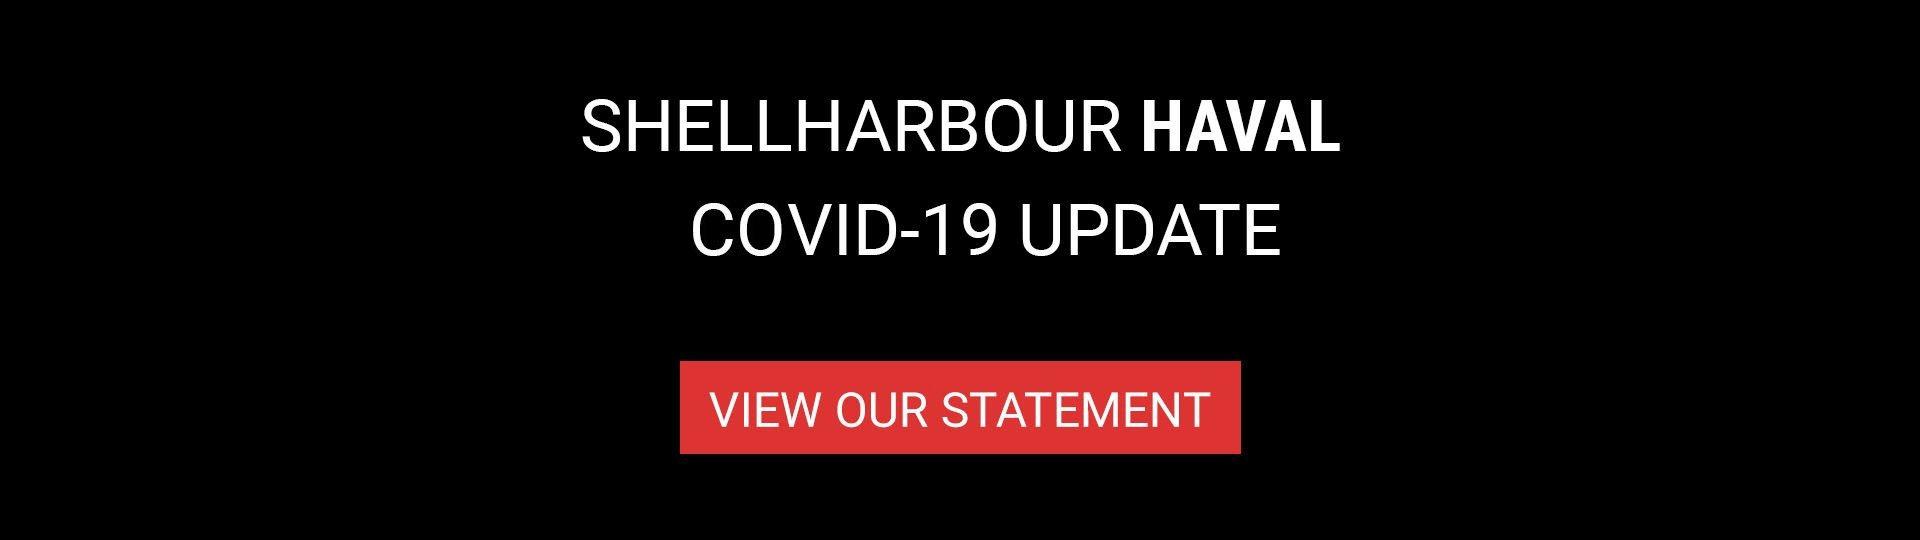 Shellharbour Haval - Convid-19 Statement